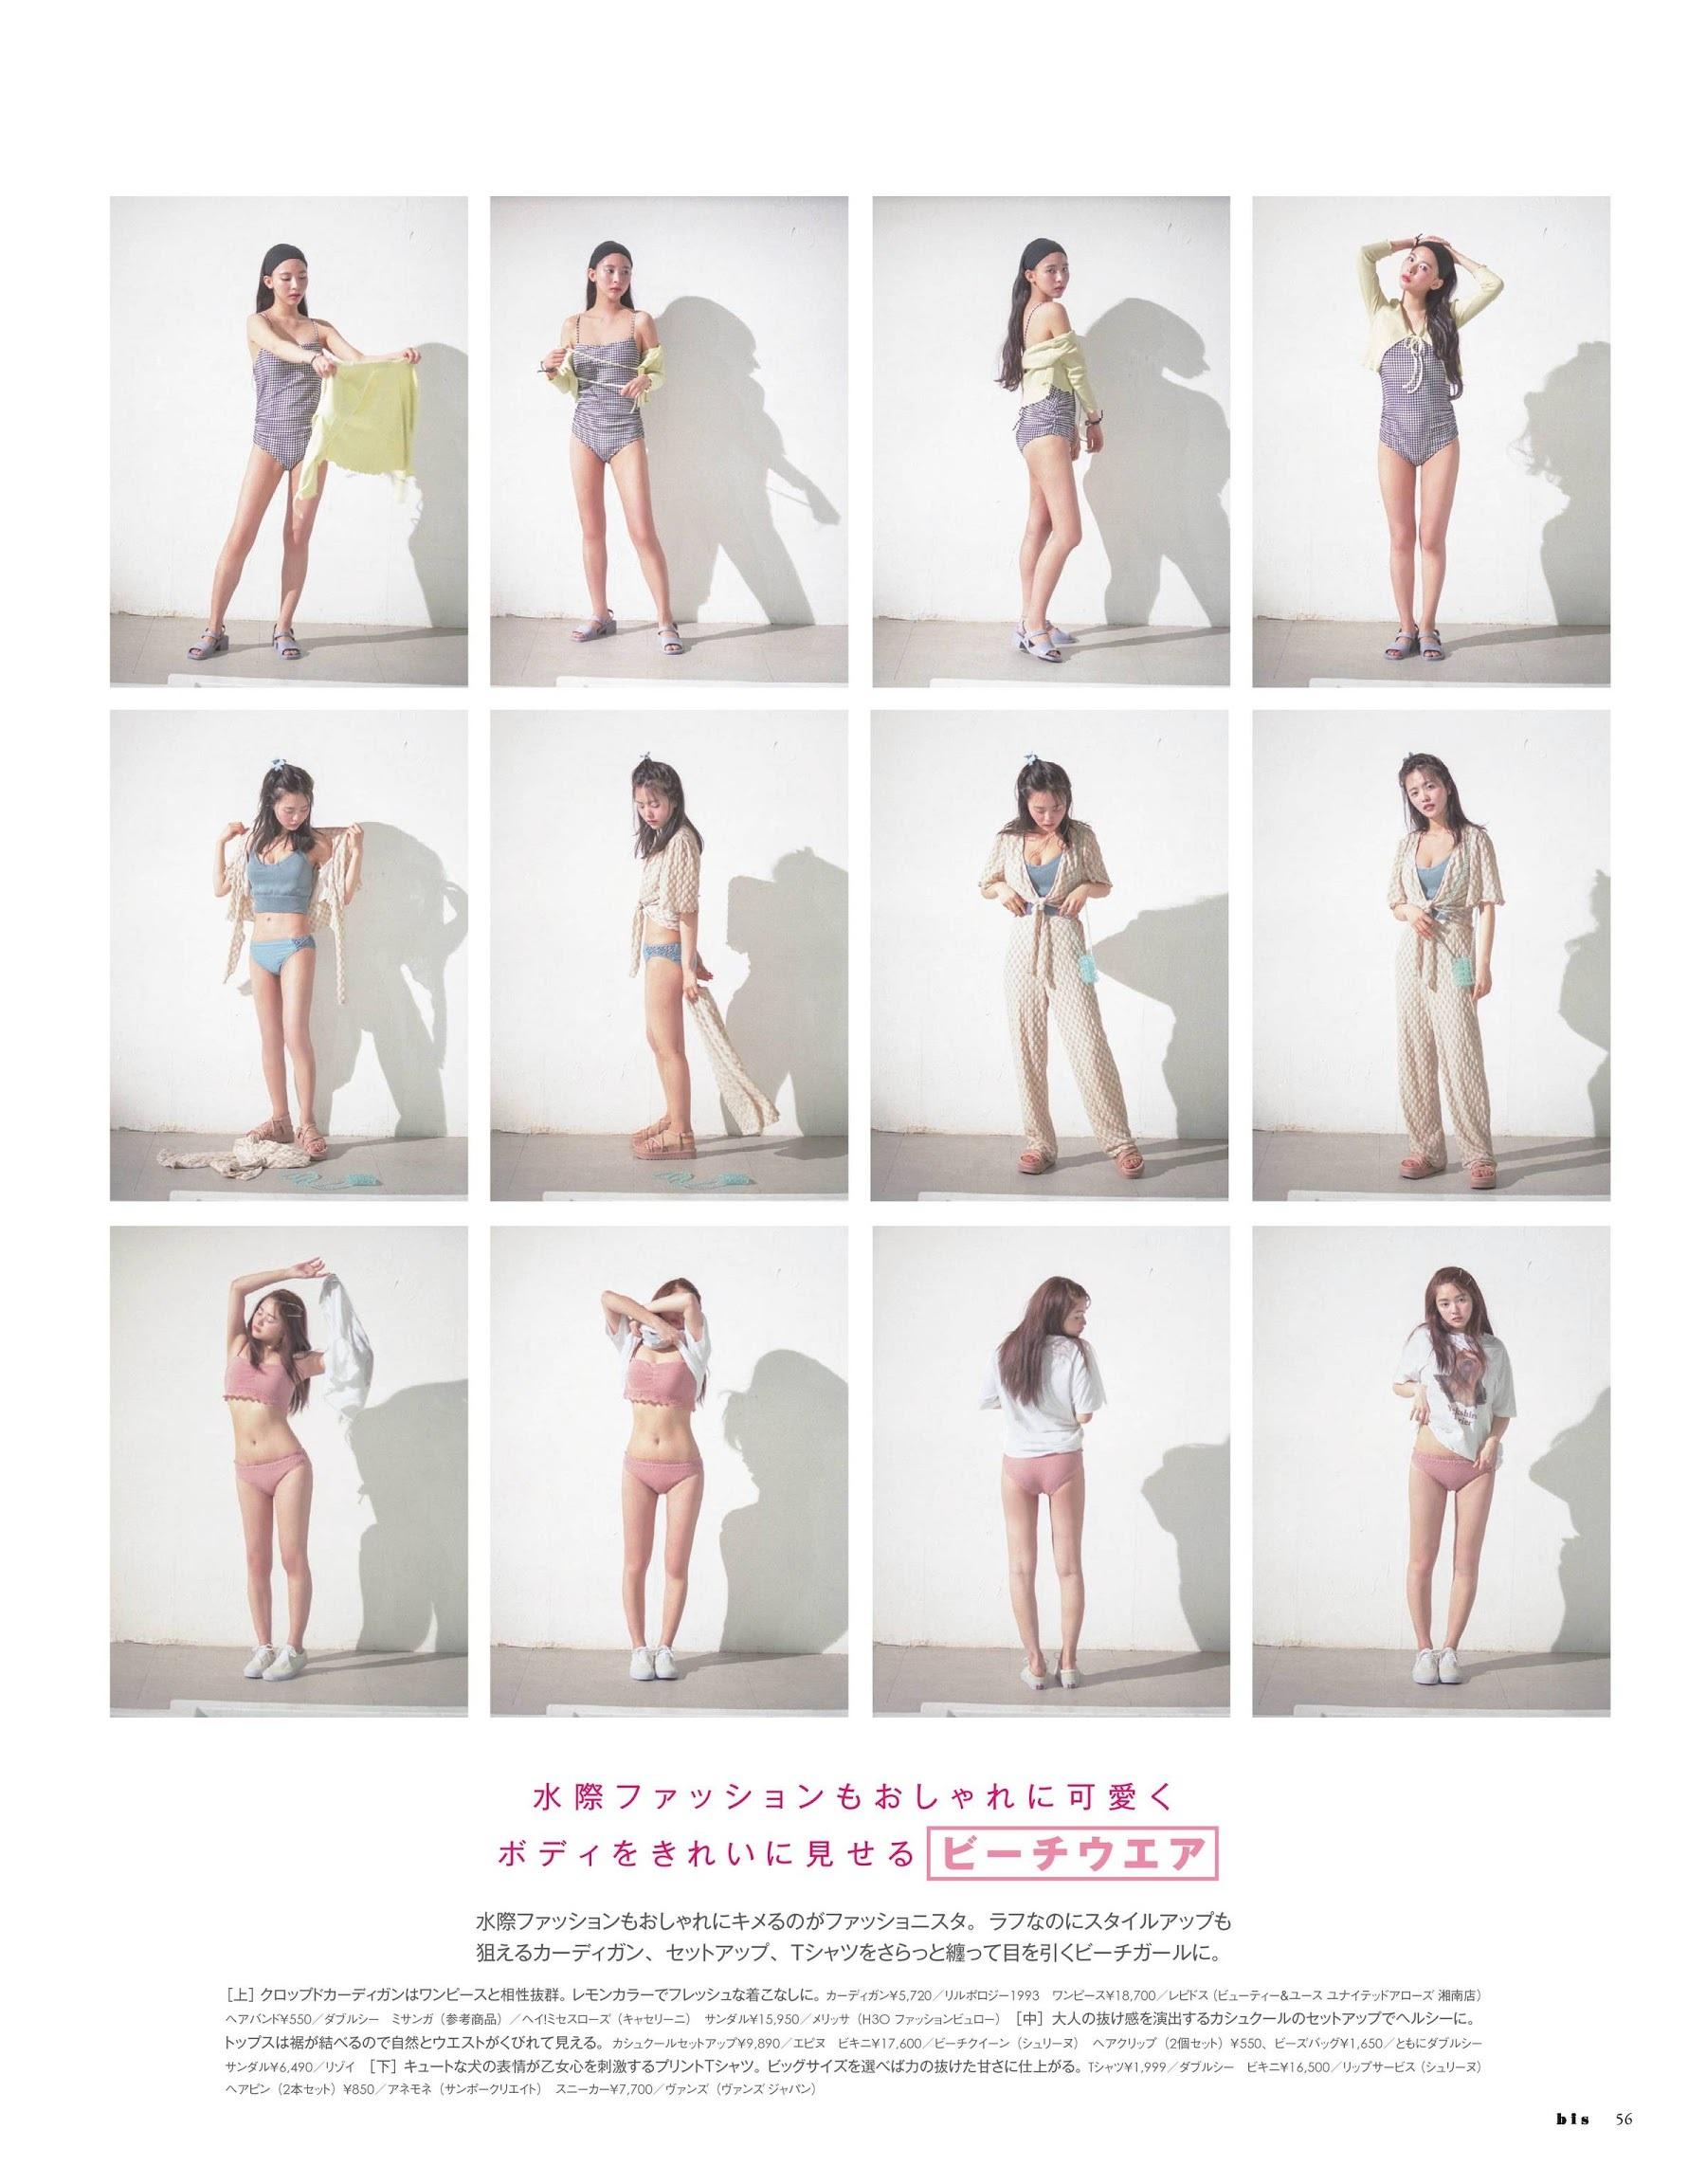 宫脇咲良 与田祐希 道重沙由美-bis 2021年第七期  高清套图 第42张